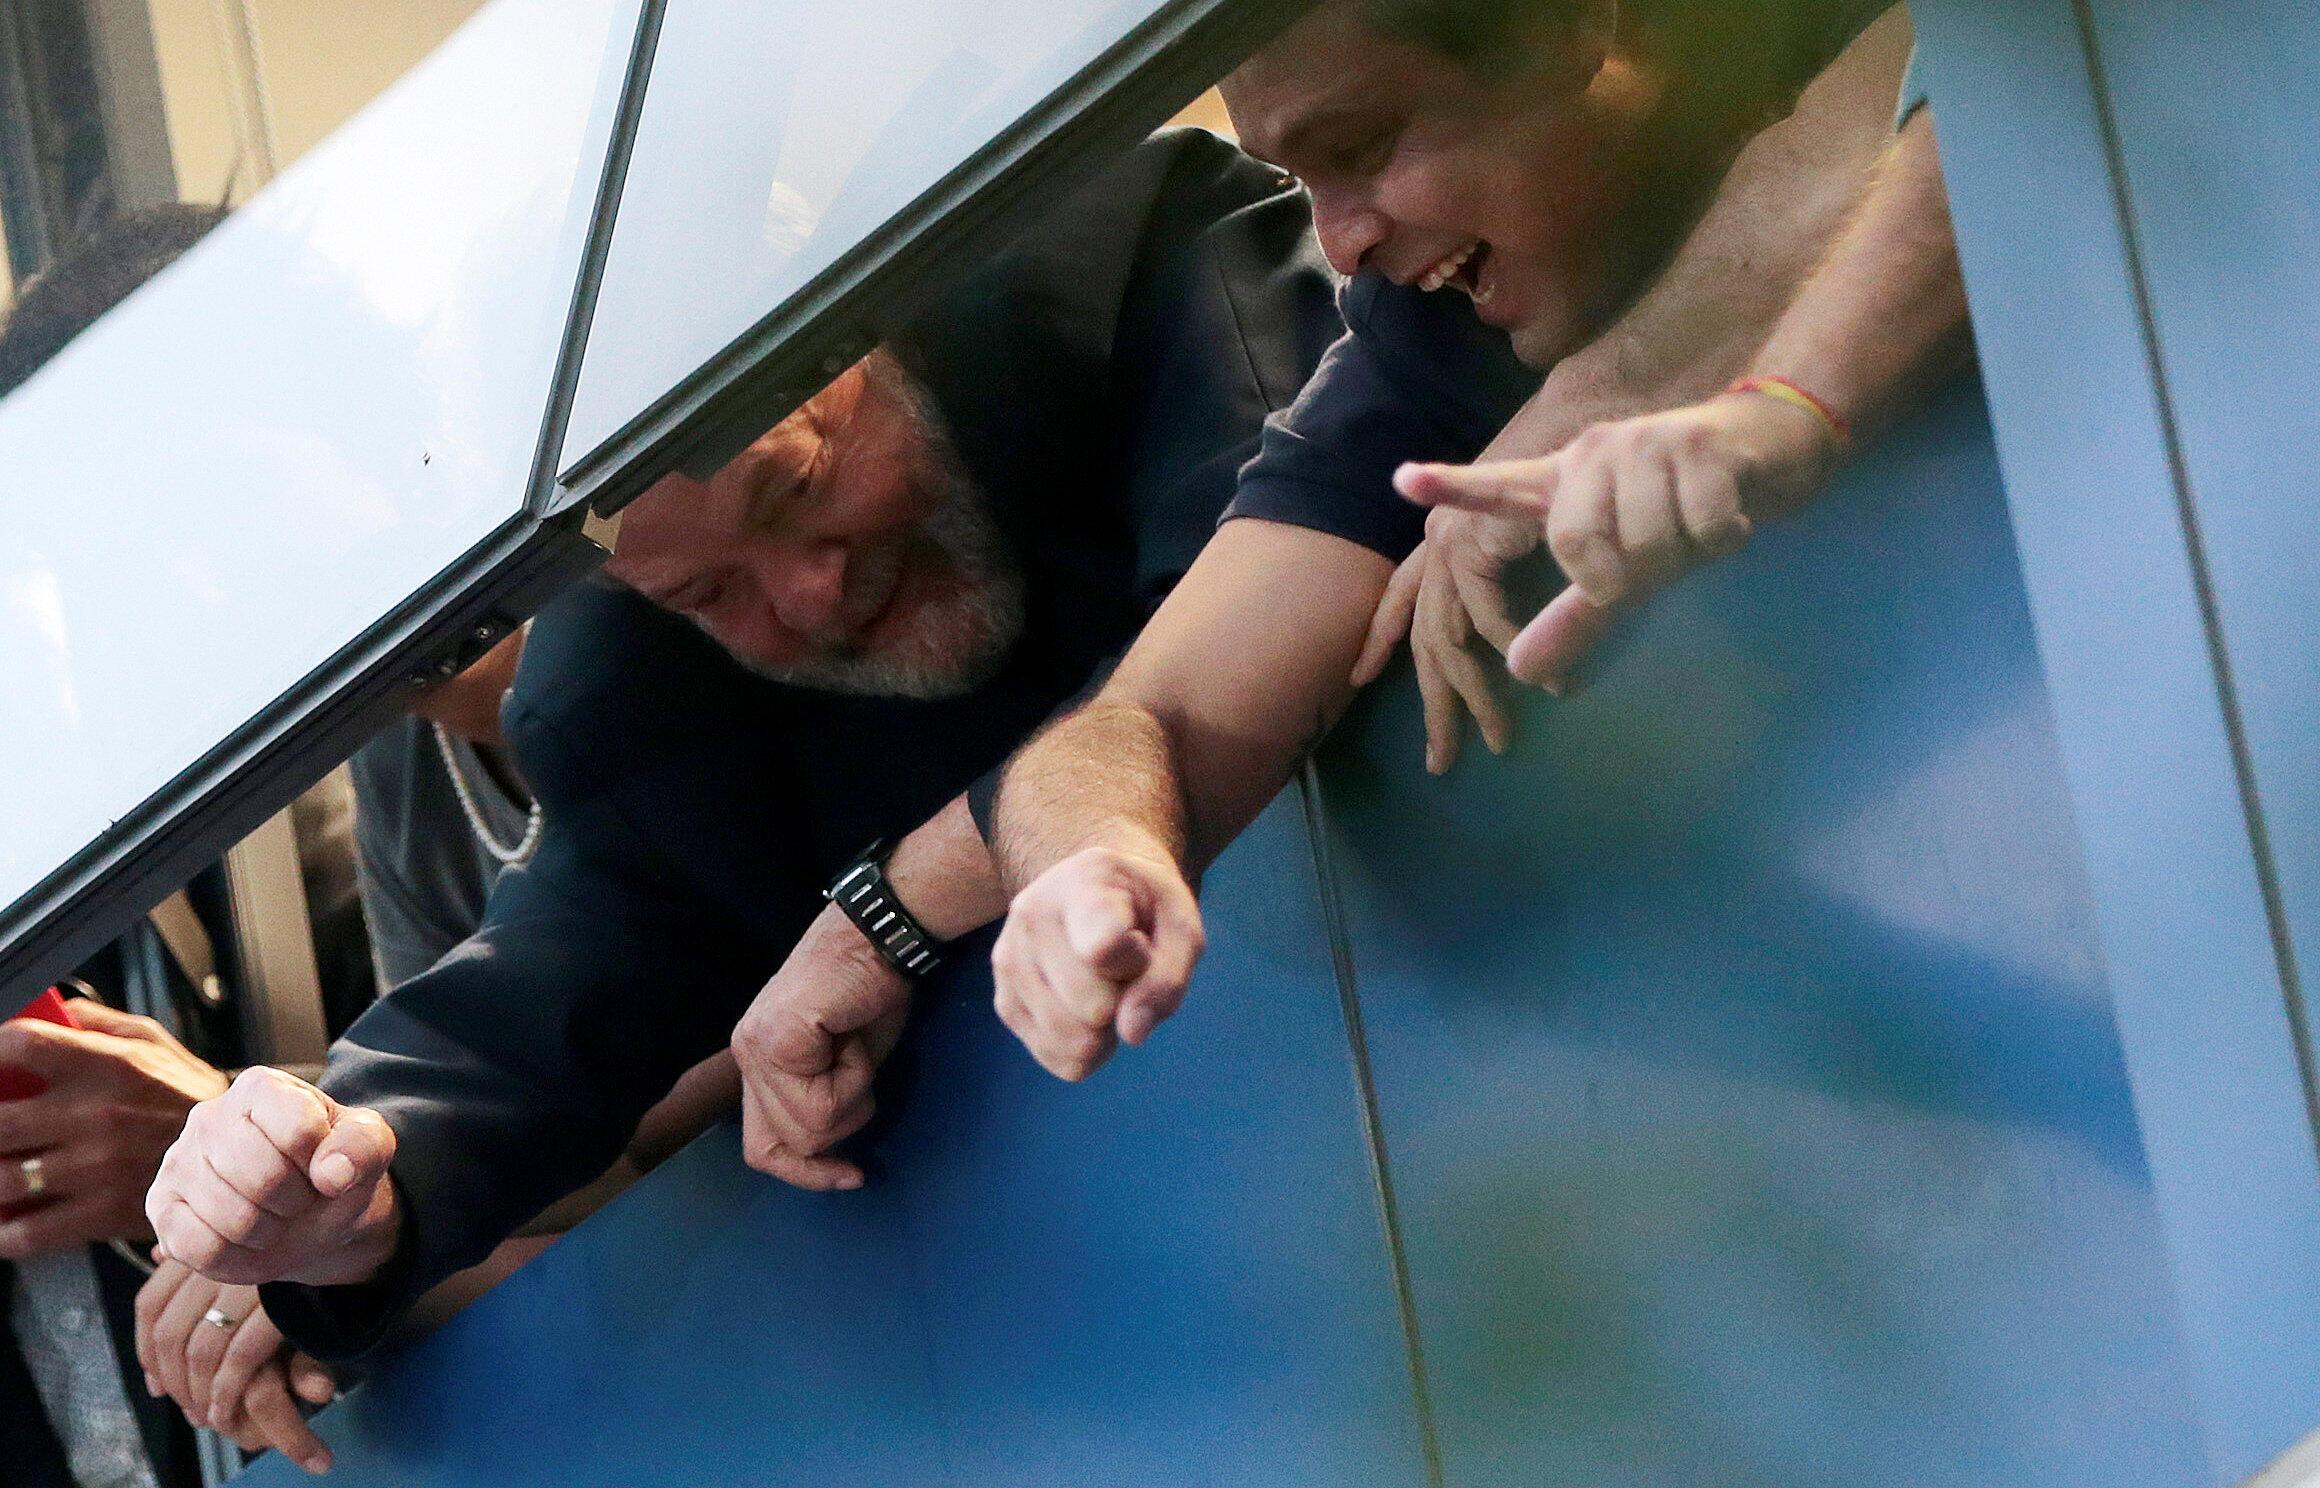 El ex presidente Lula saludando por una de las ventanas del sindicato de metalurgistas, Sao Bernardo do Campo, 6 de abril 2018.